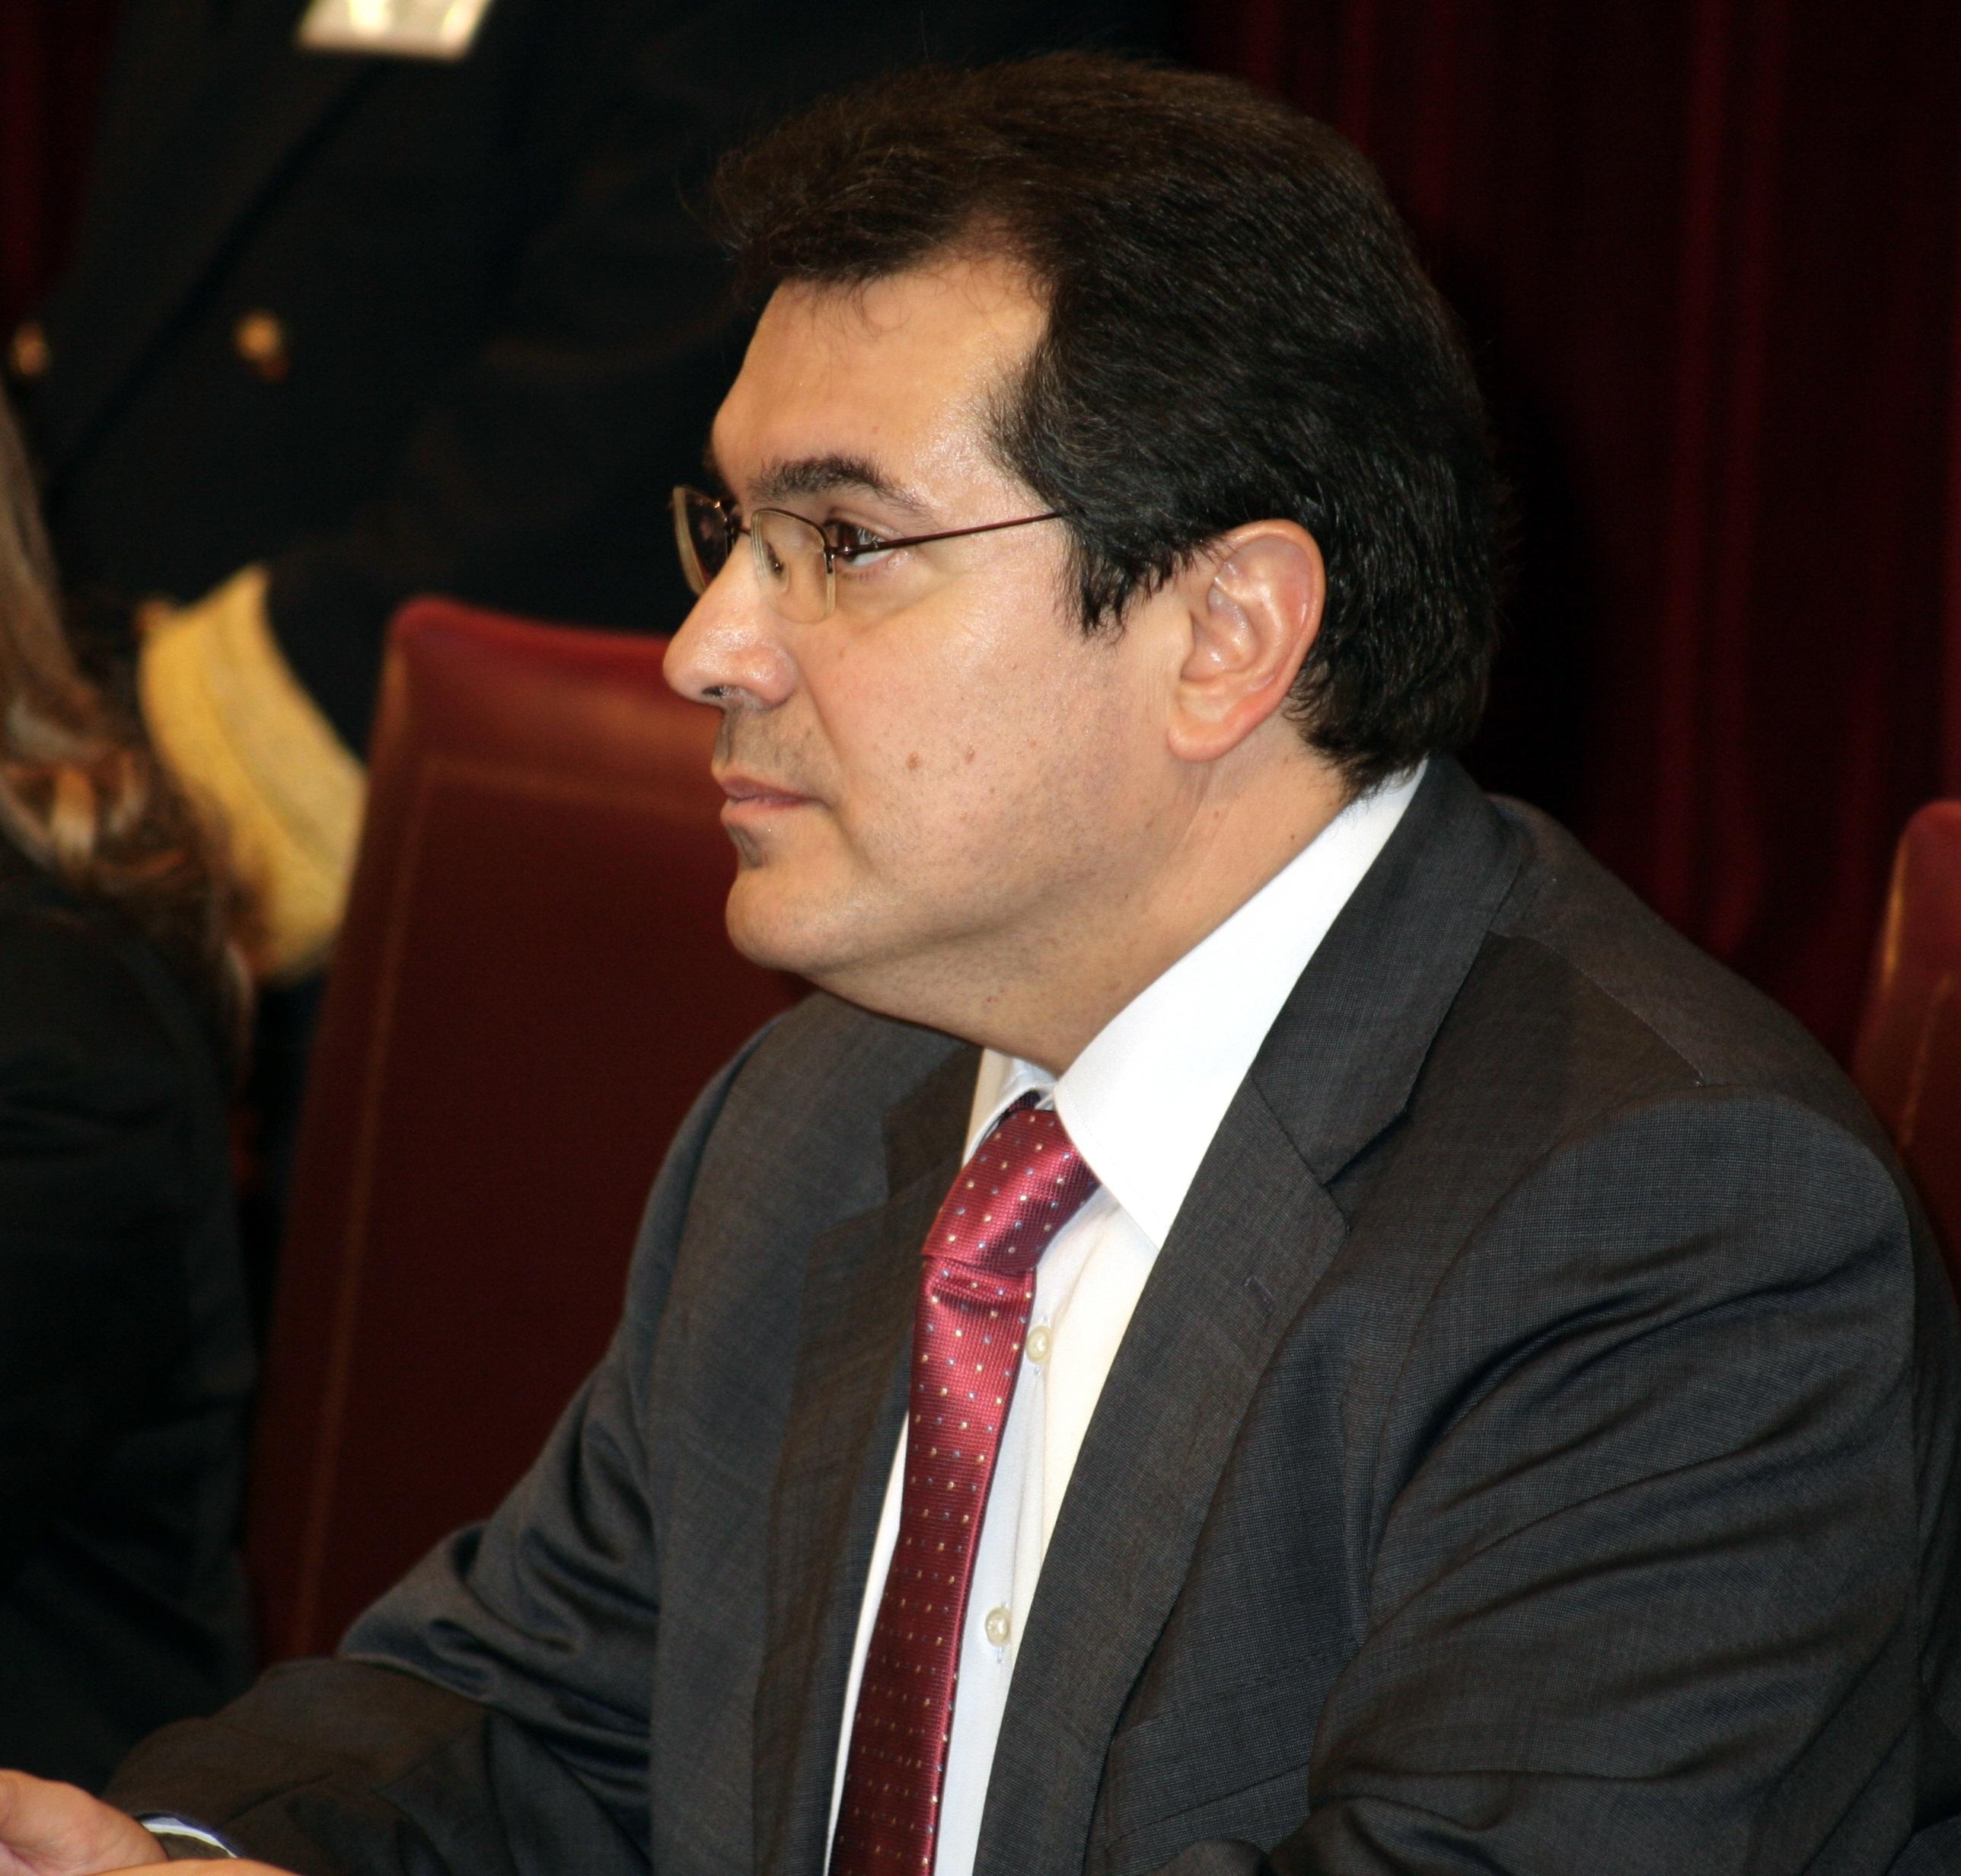 CiU aclara a Rajoy que no pide su comparecencia para «inculparle» sino para escuchar su versión sobre el »caso Bárcenas»